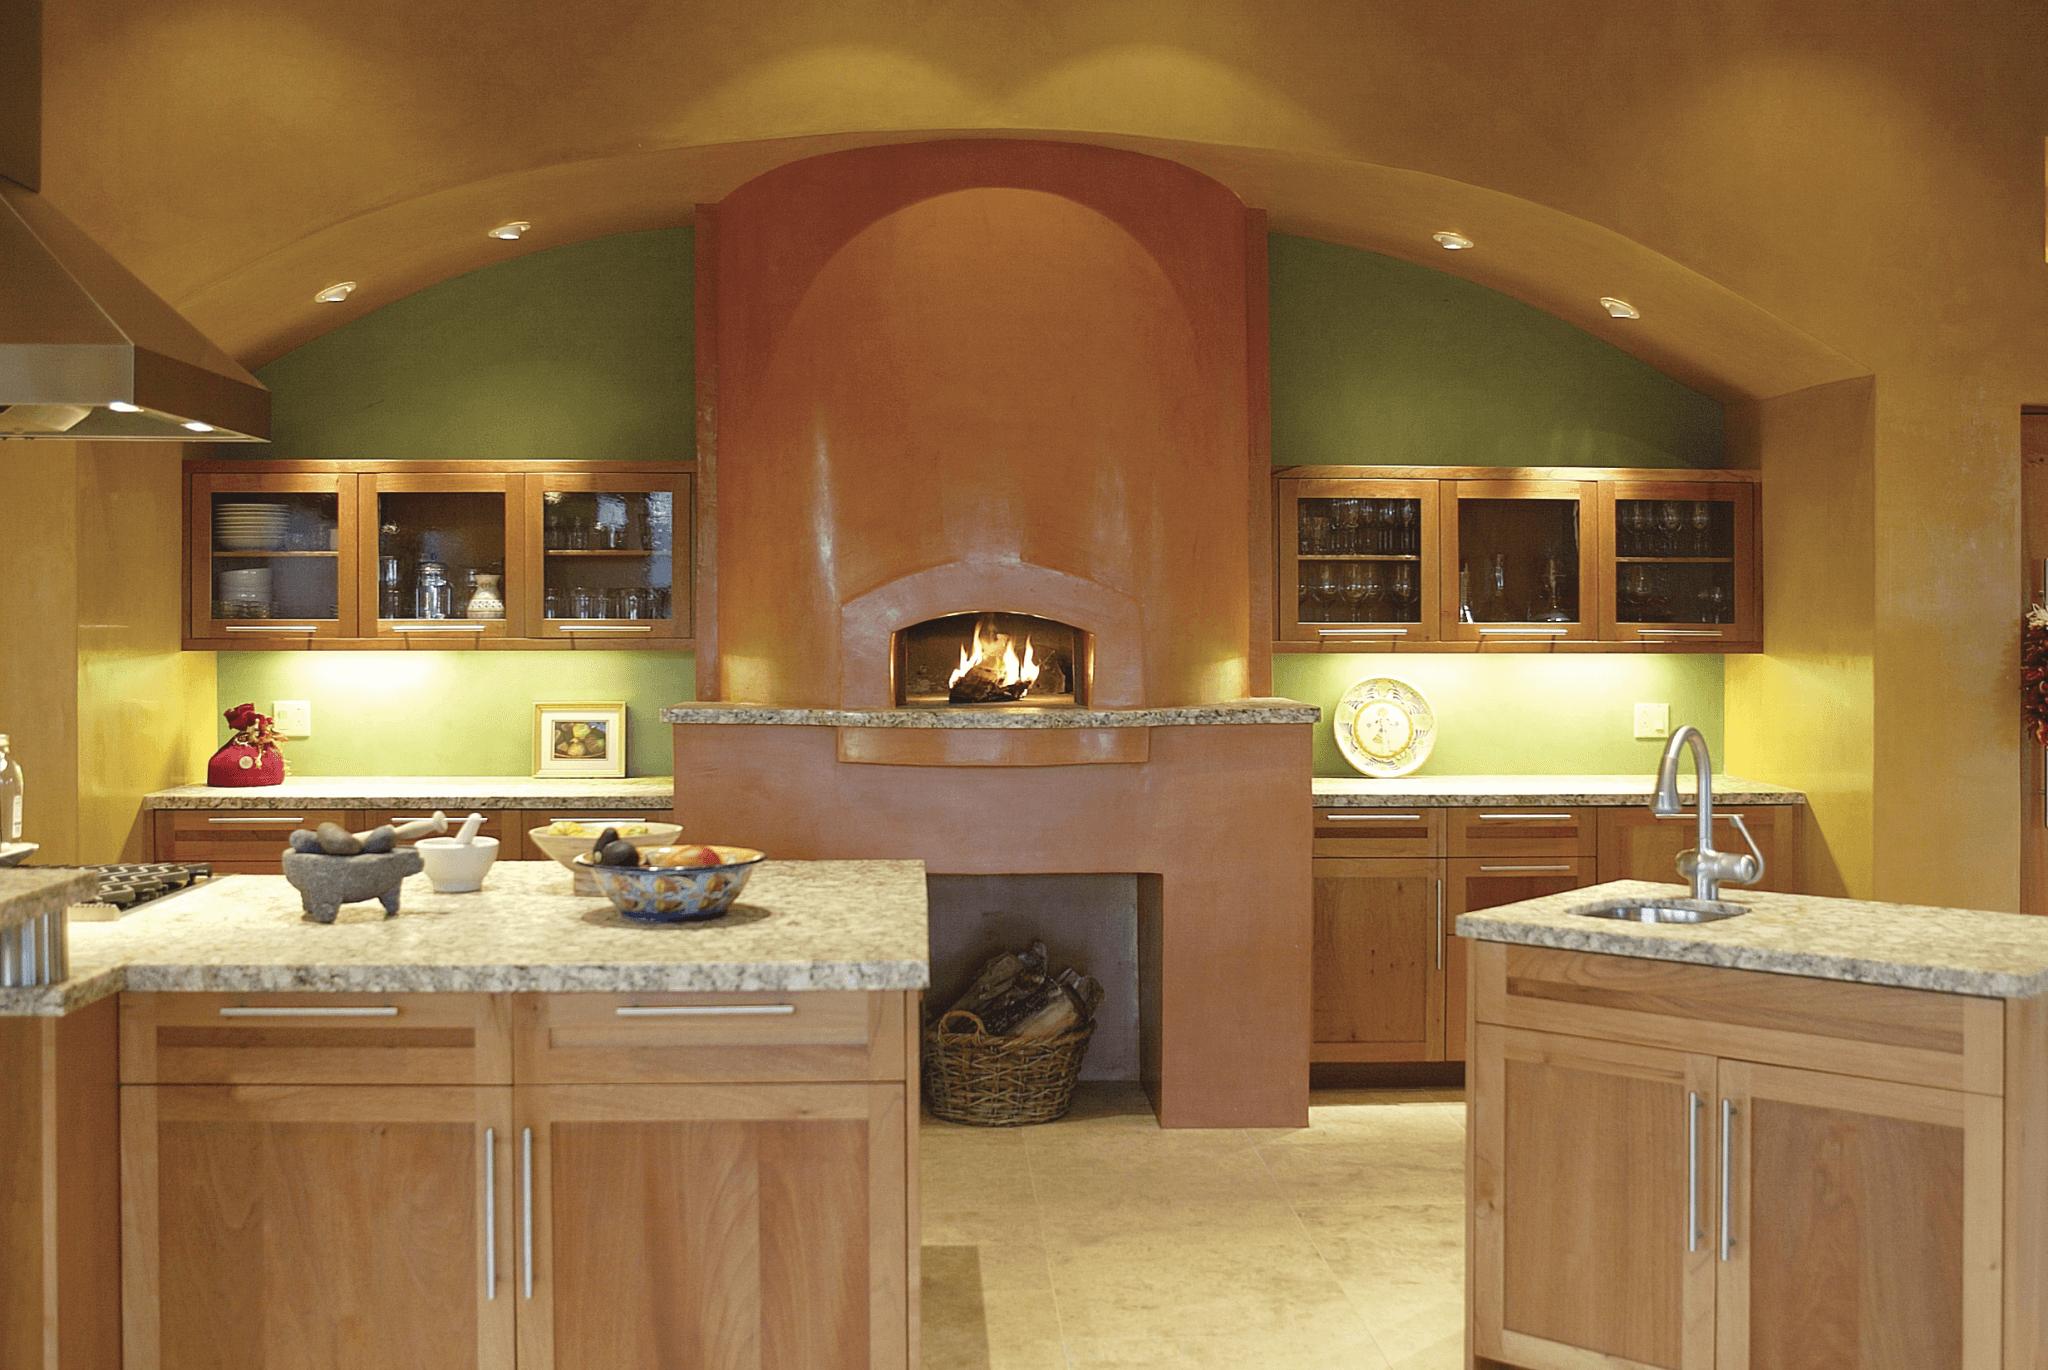 Mugnaini Medio oven in a residential kitchen